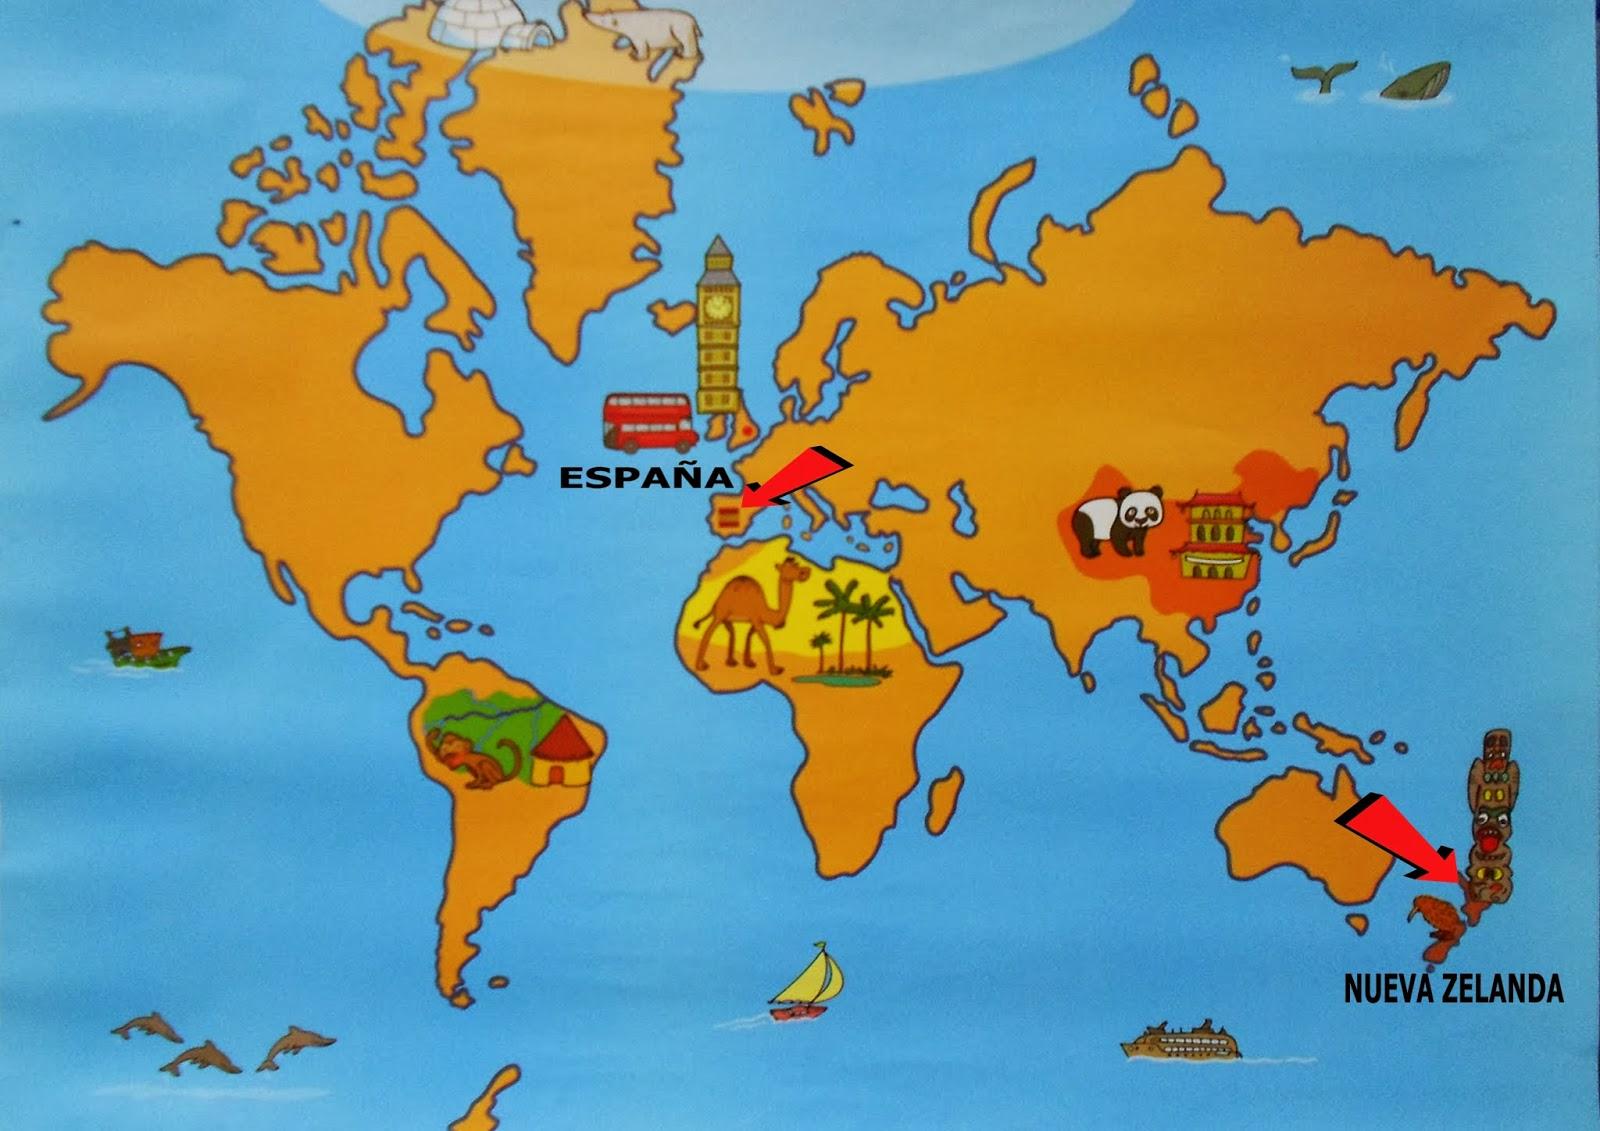 Donde Esta Nueva Zelanda Mapa Mundi.Peces De Colores Proyecto Nueva Zelanda